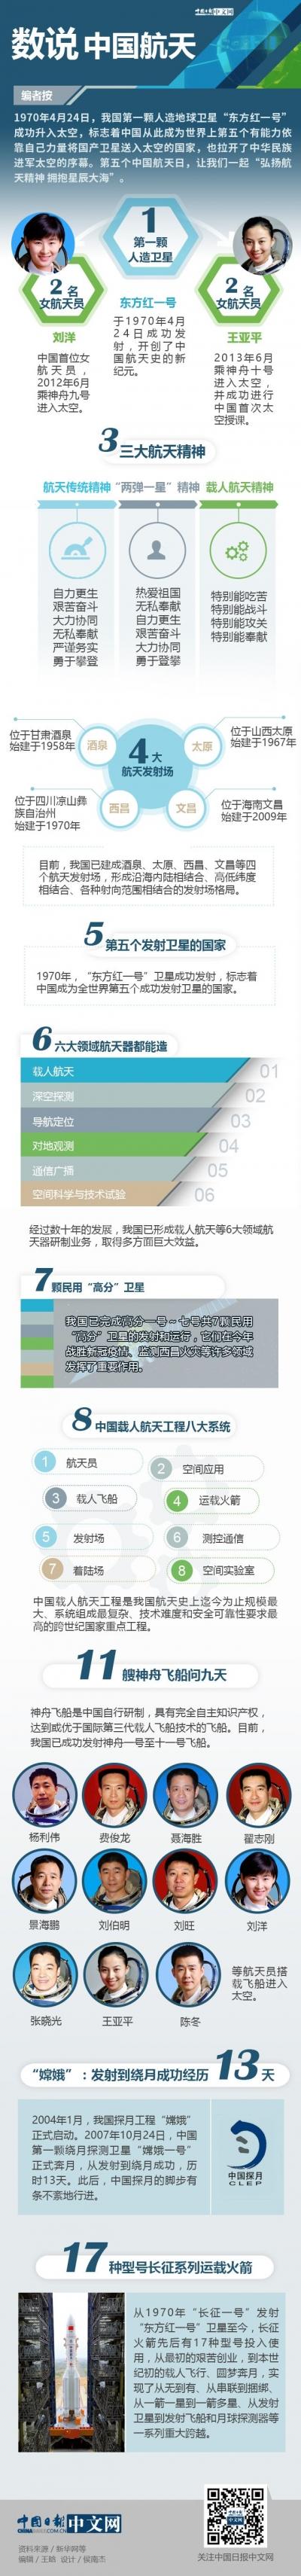 图解 | 数说中国航天